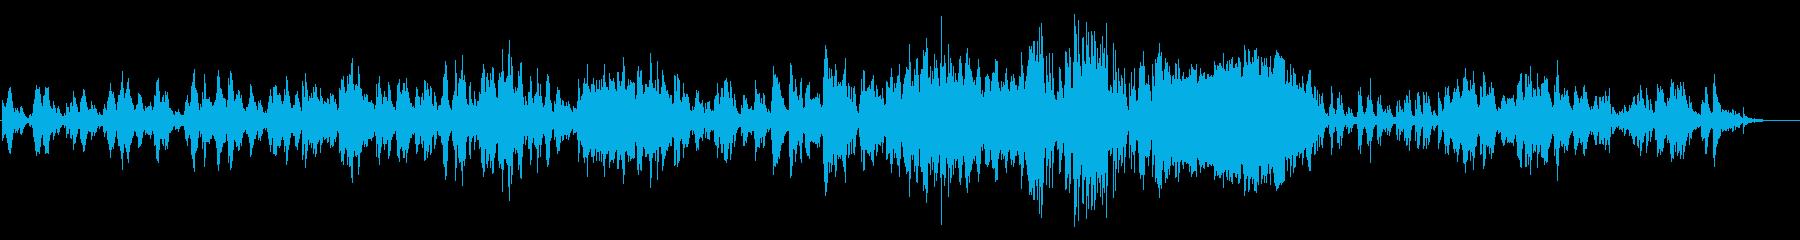 穏やかなイージーリスニングピアノソロの再生済みの波形